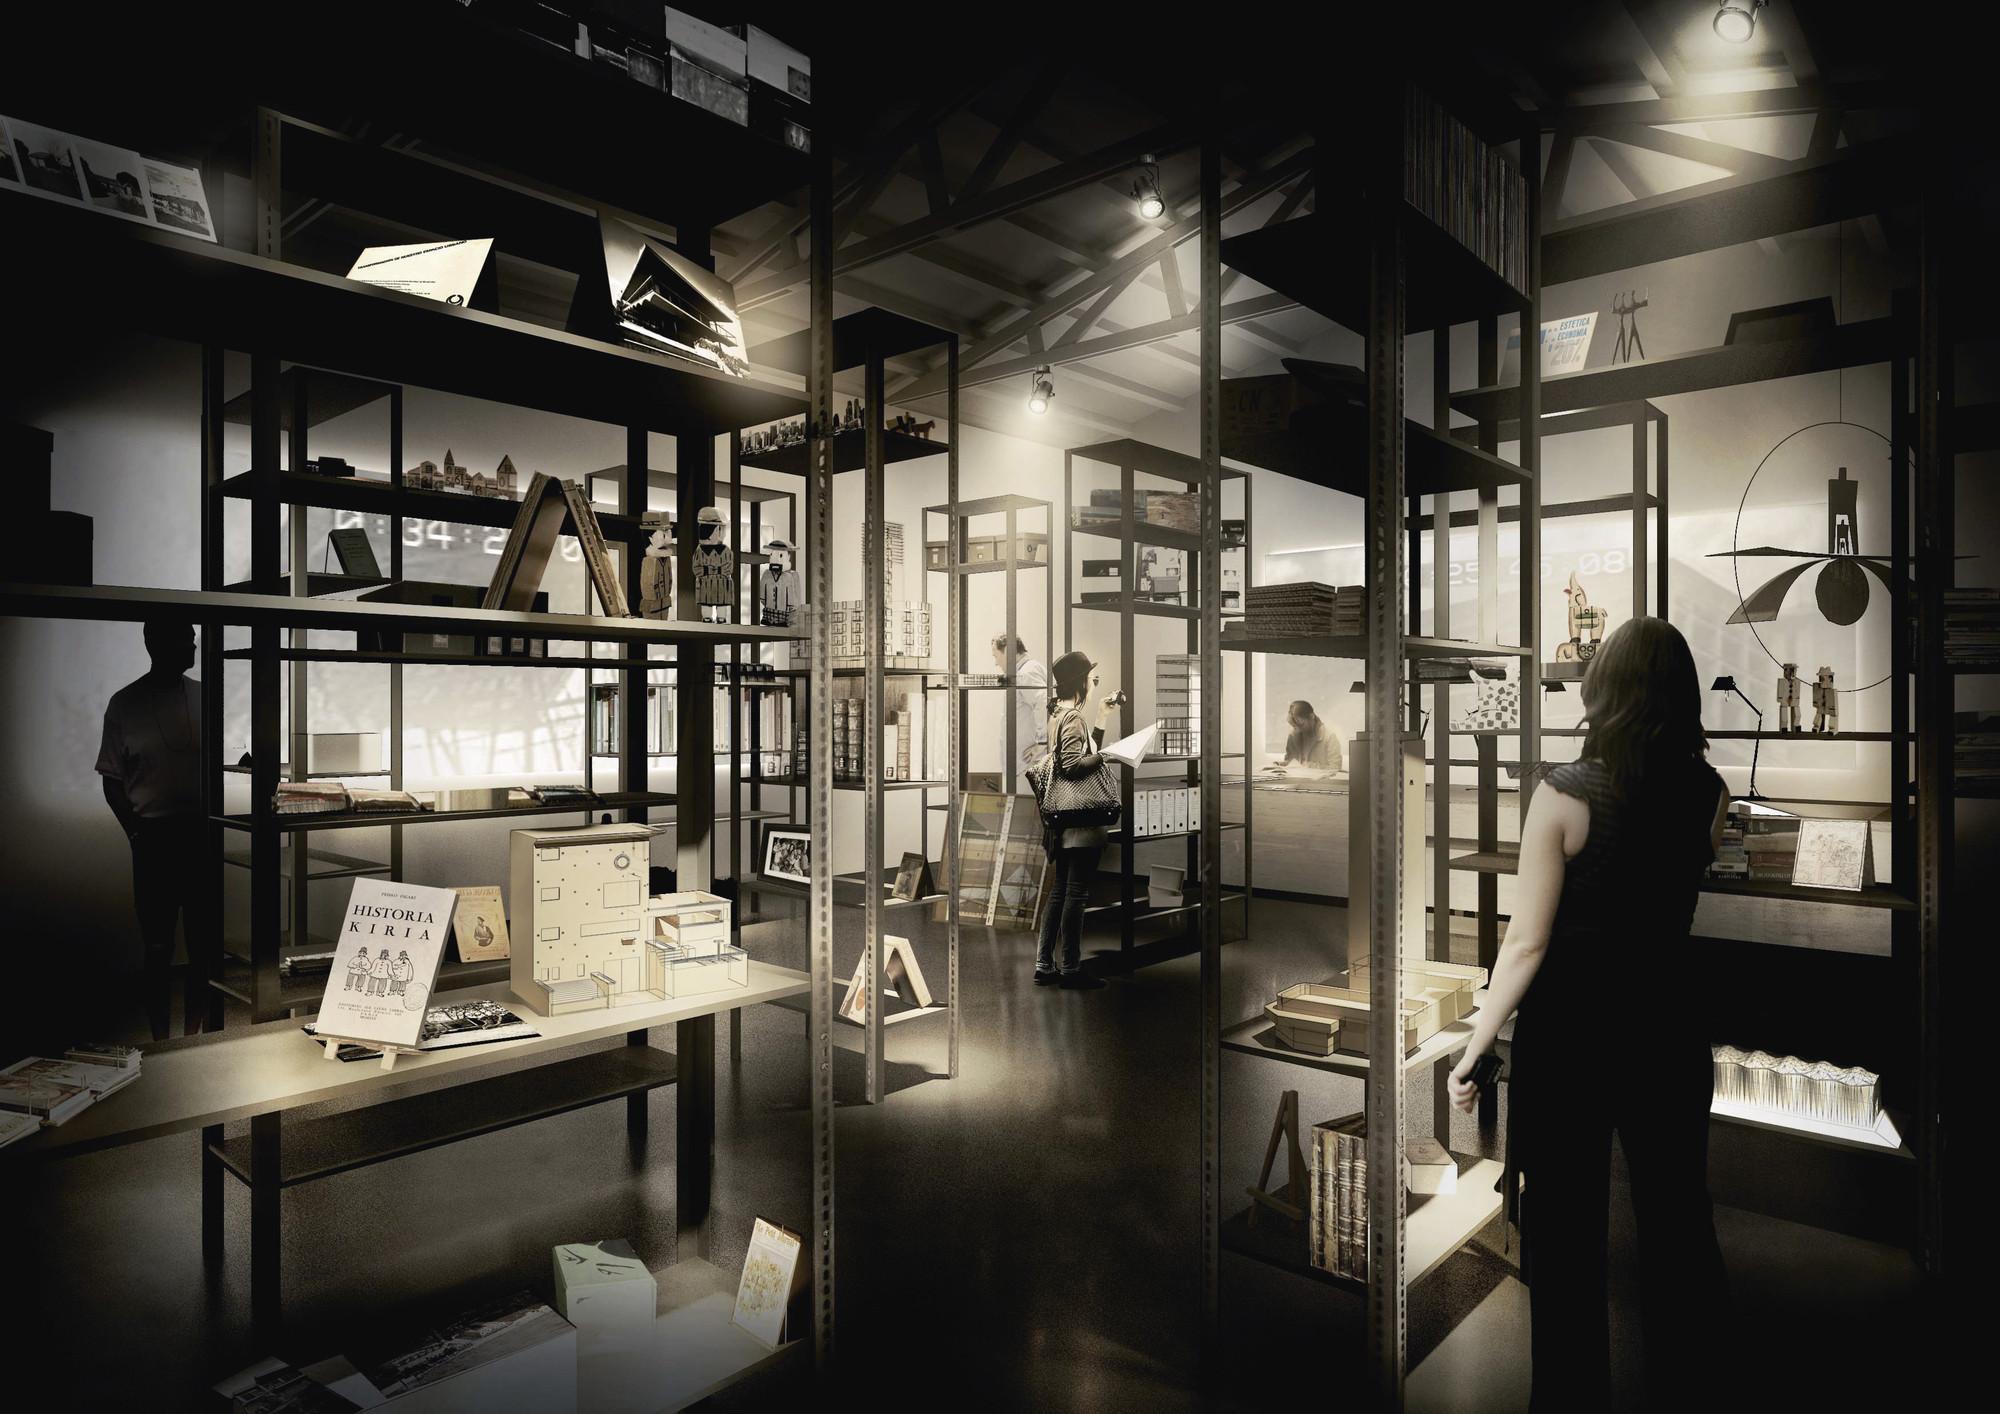 Pabellón de Uruguay en la 14ª Bienal de Arquitectura de Venecia / La Aldea Feliz, Imagen de Propuesta. Image